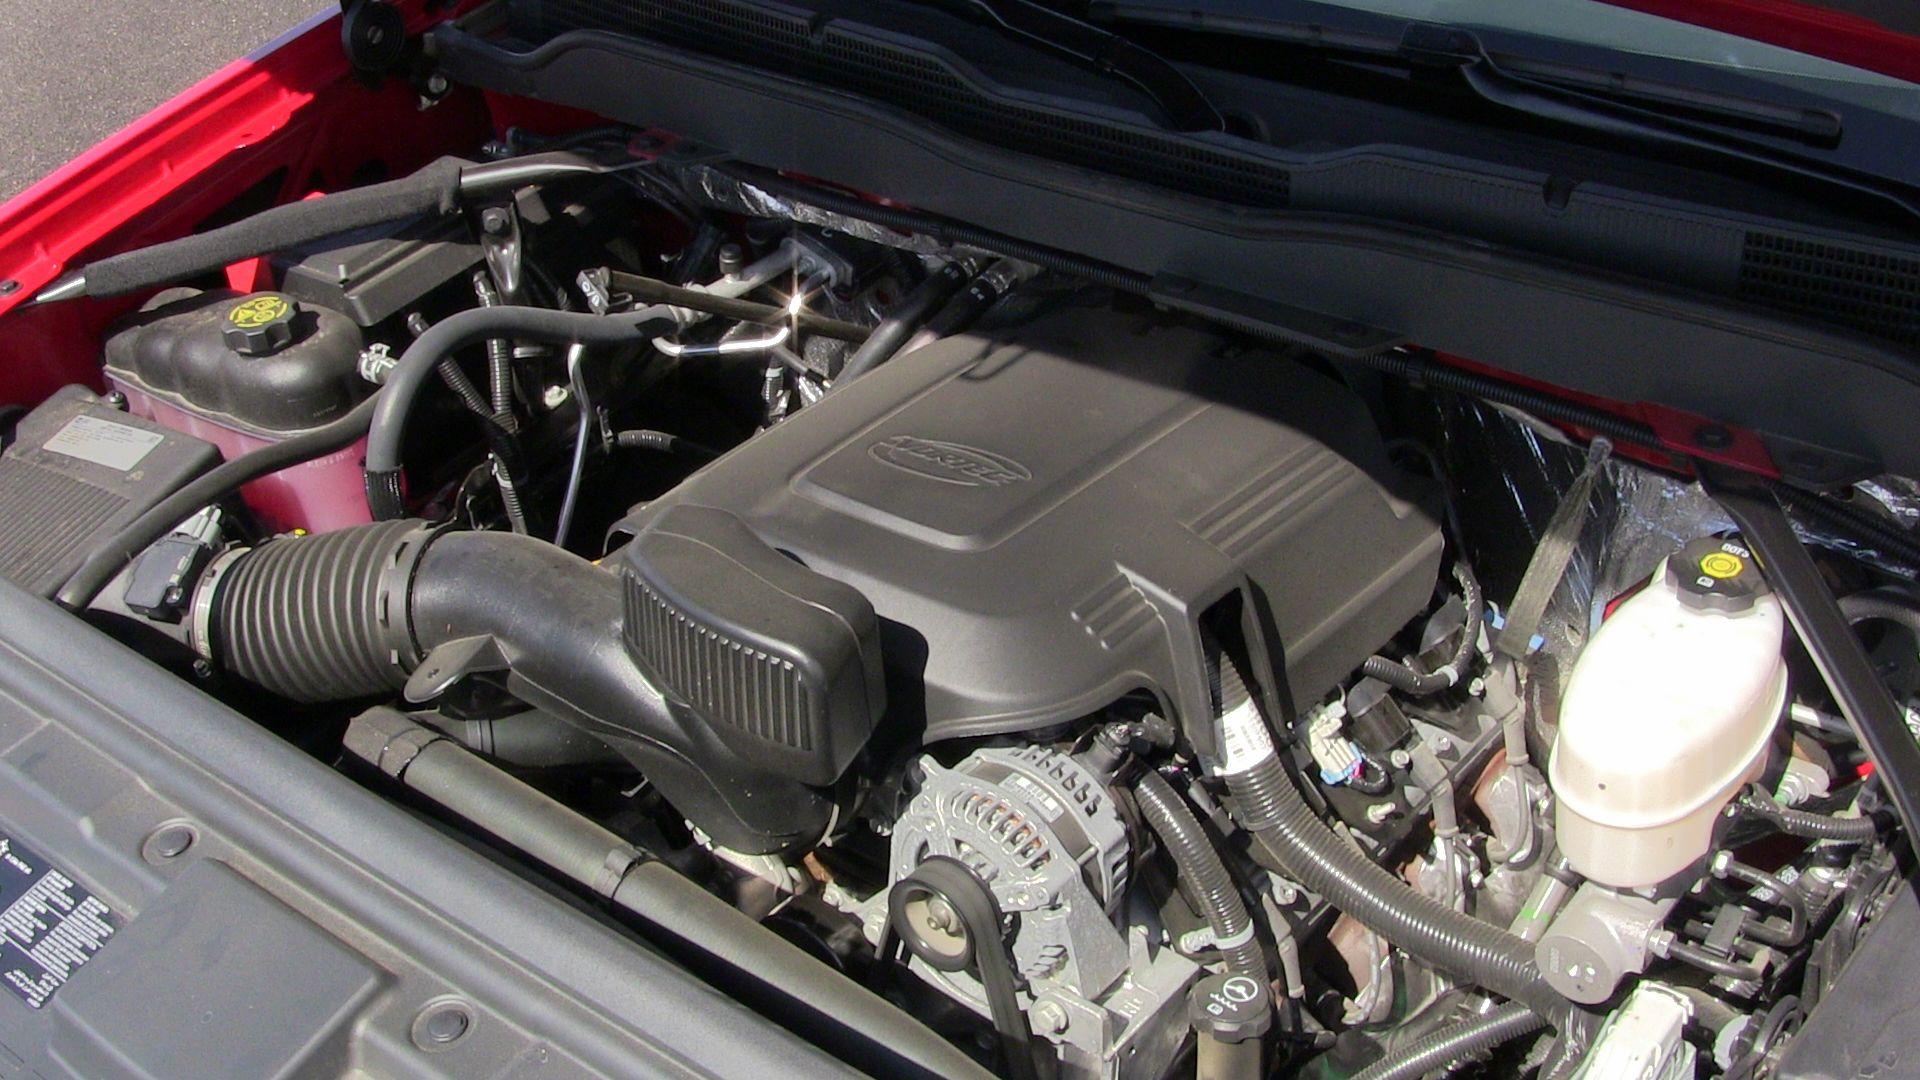 2005 Chevy Vortec Engine